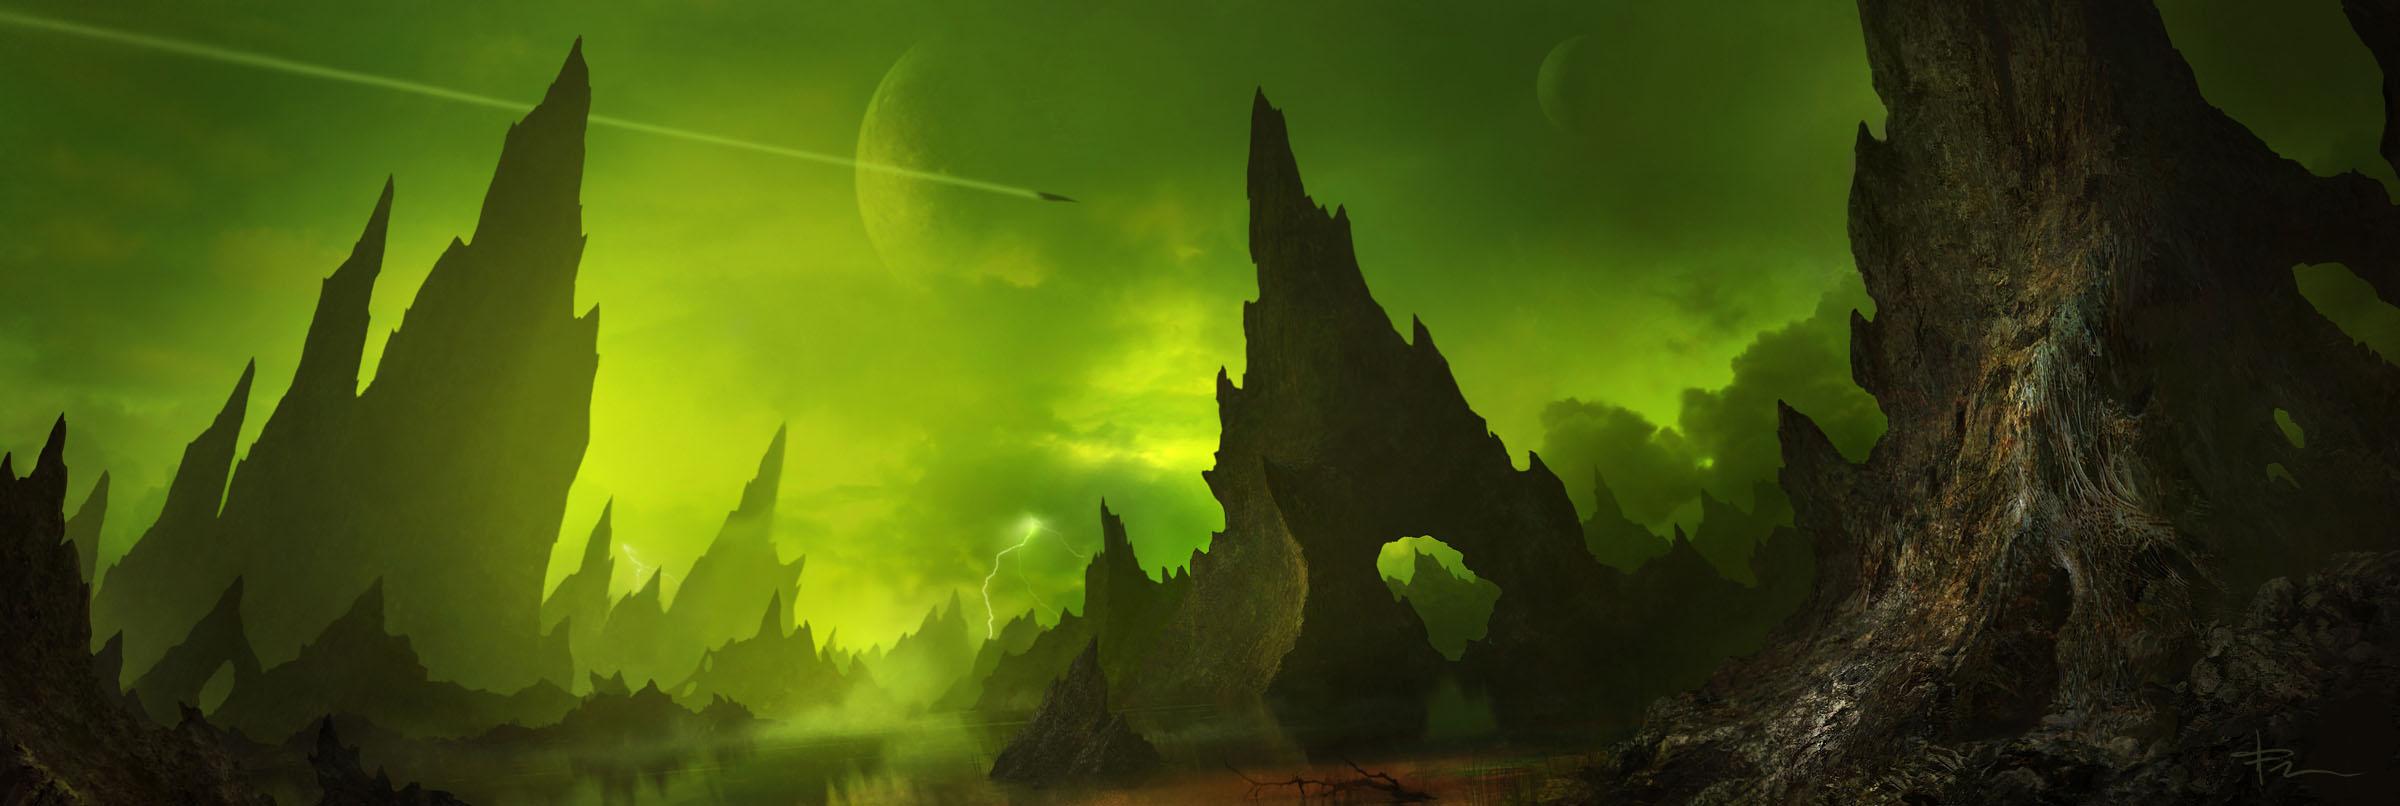 TJFRame-Art_Evolve_GreenPlanet.jpg